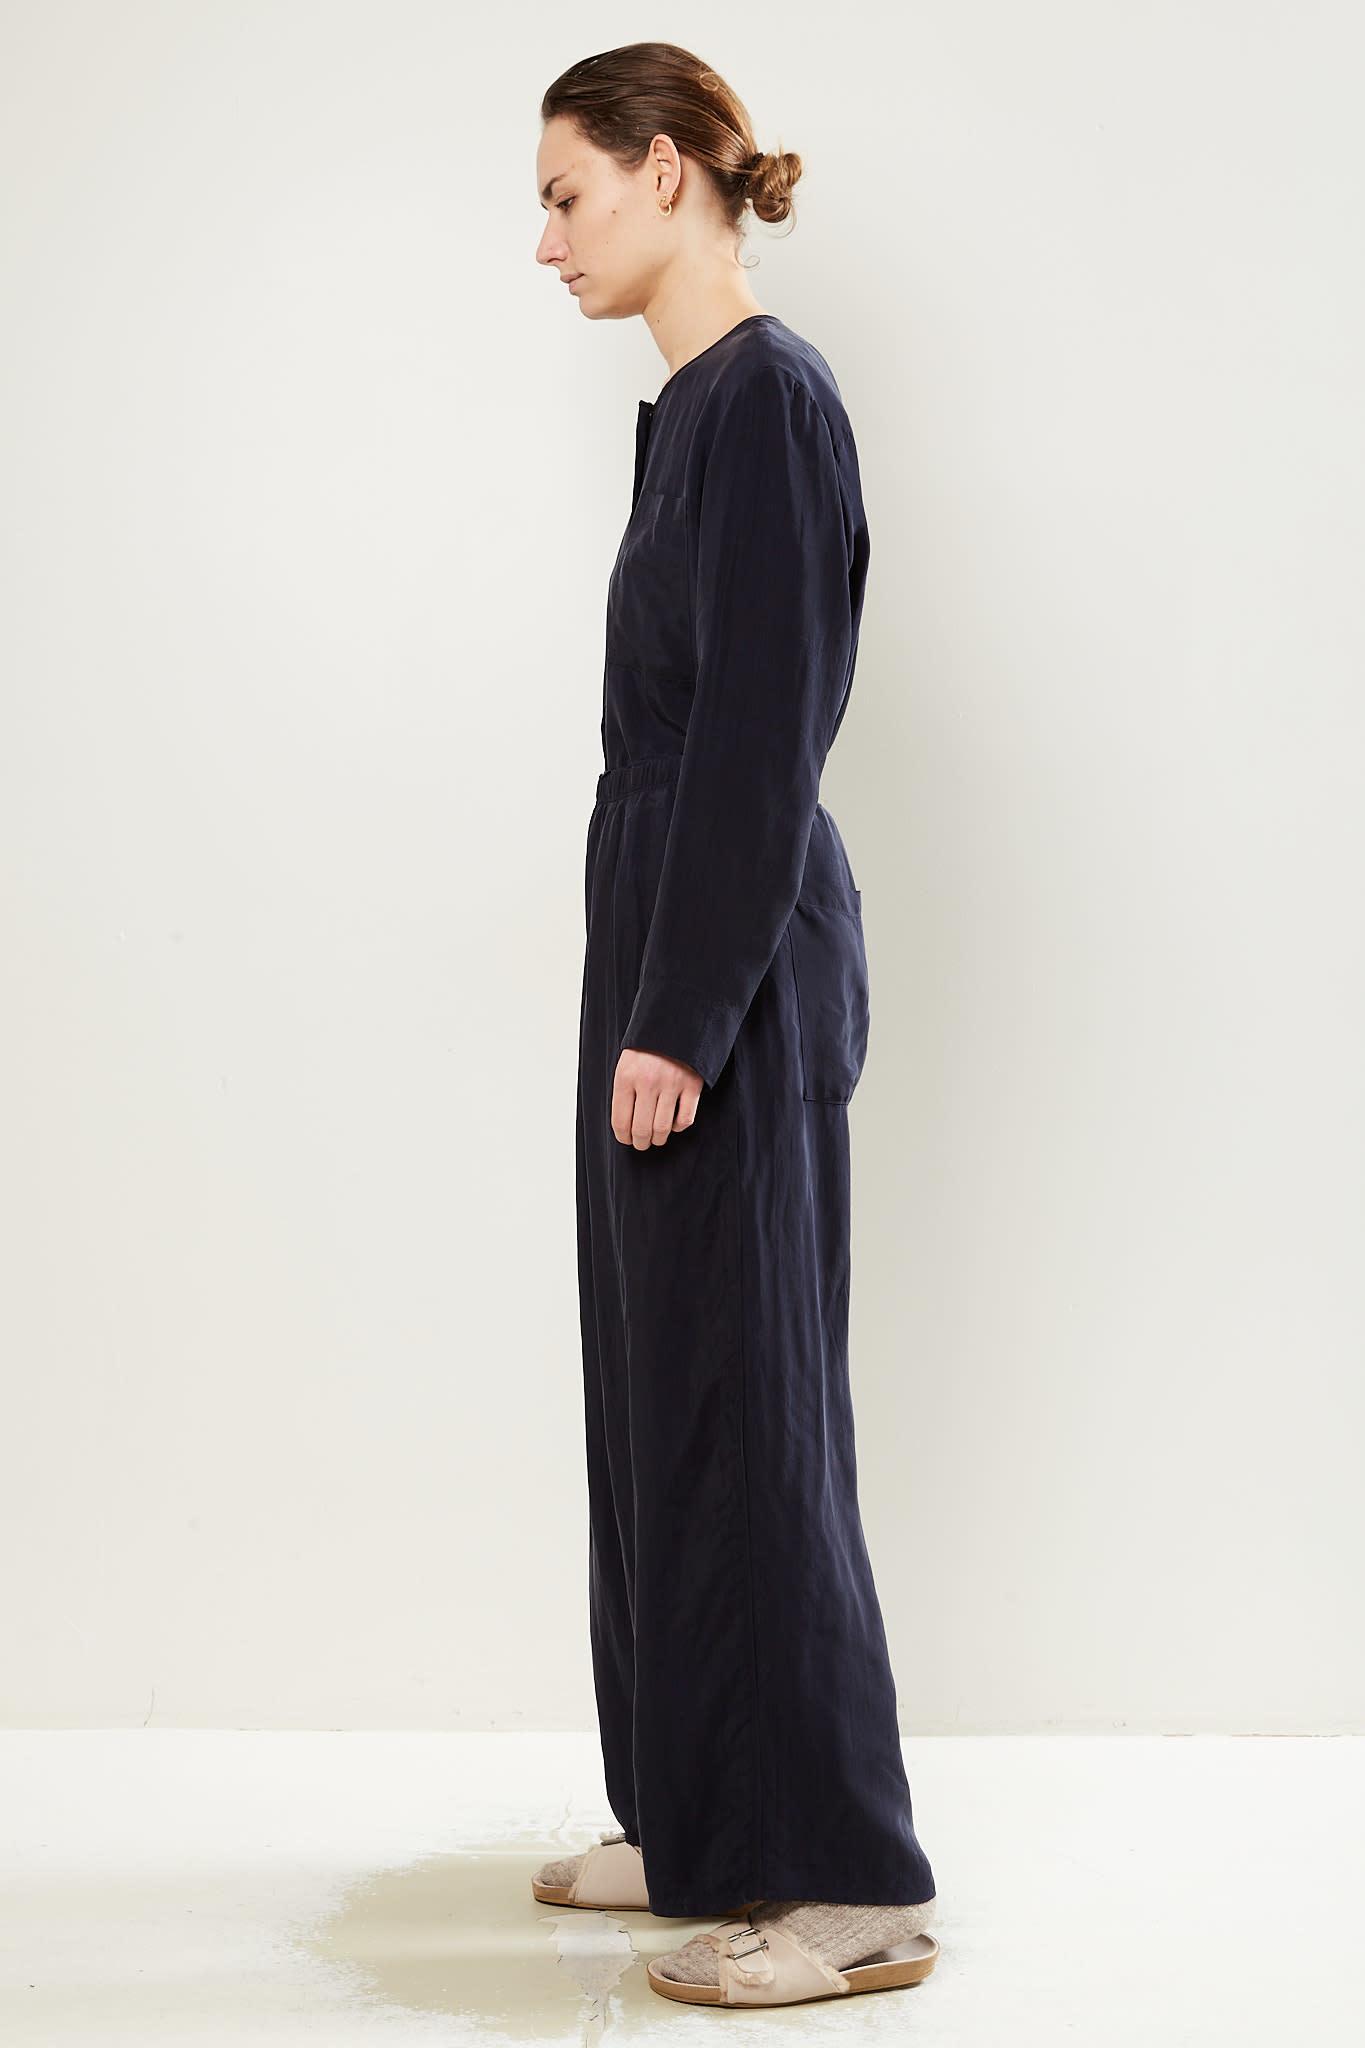 Humanoid - Feis fair trousers